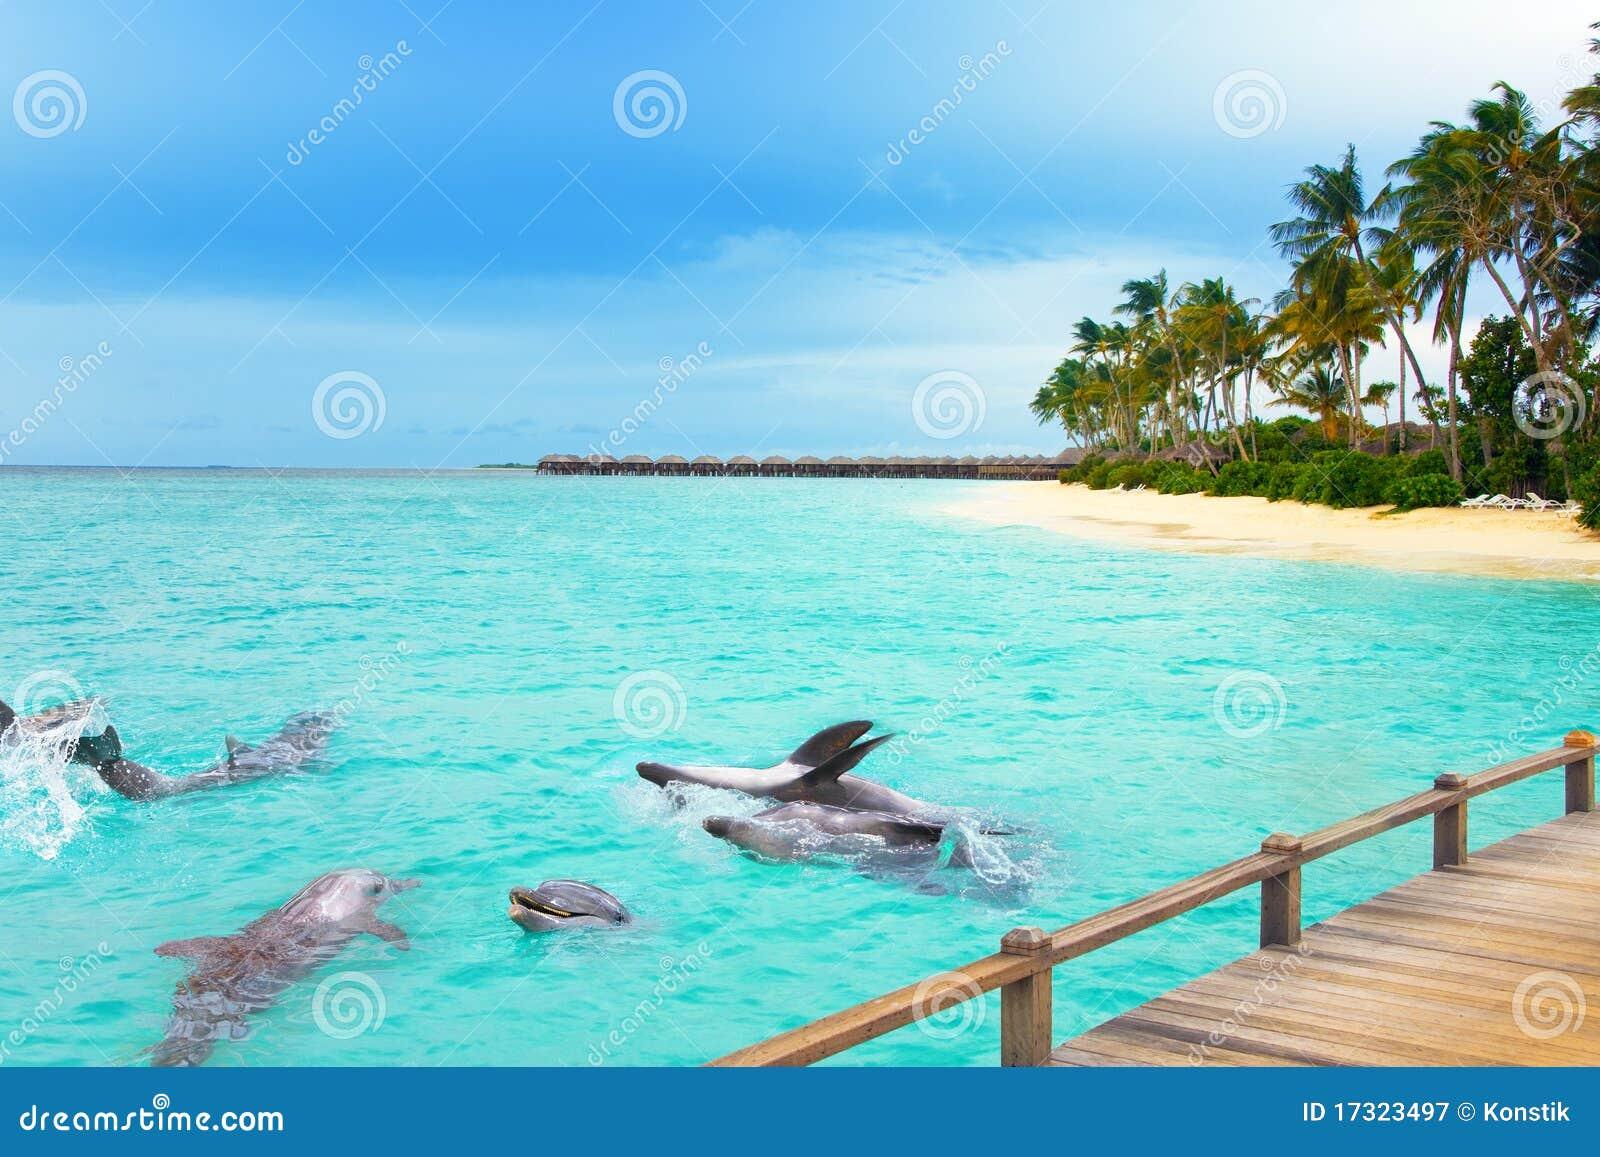 lile maldive